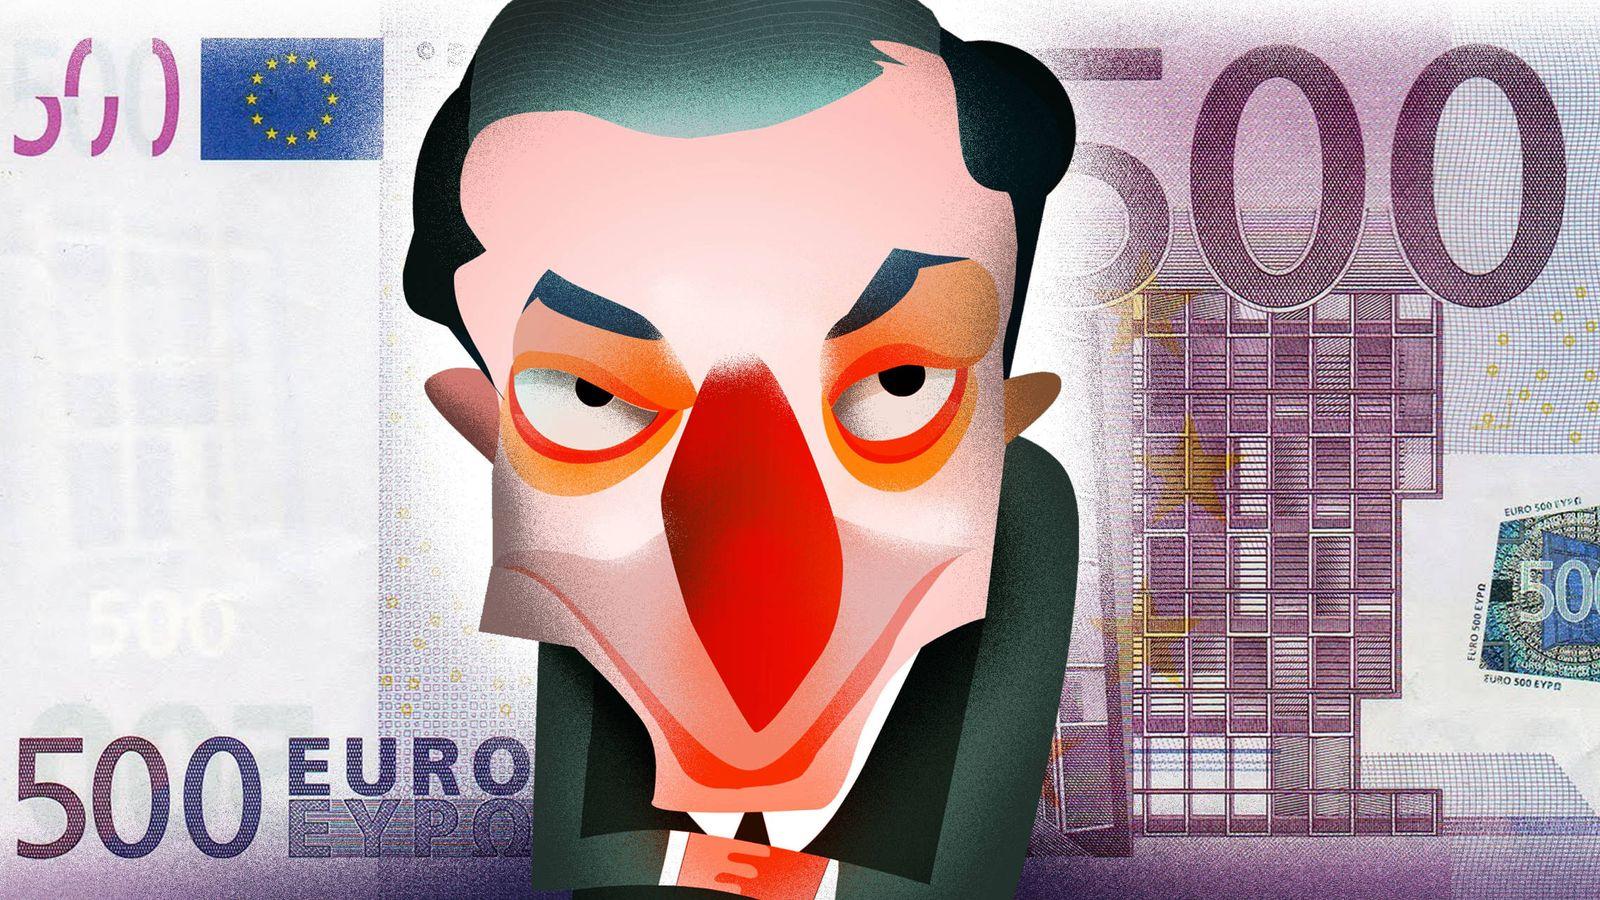 Foto: El presidente del BCE, Mario Draghi. (Ilustración: Raúl Arias)